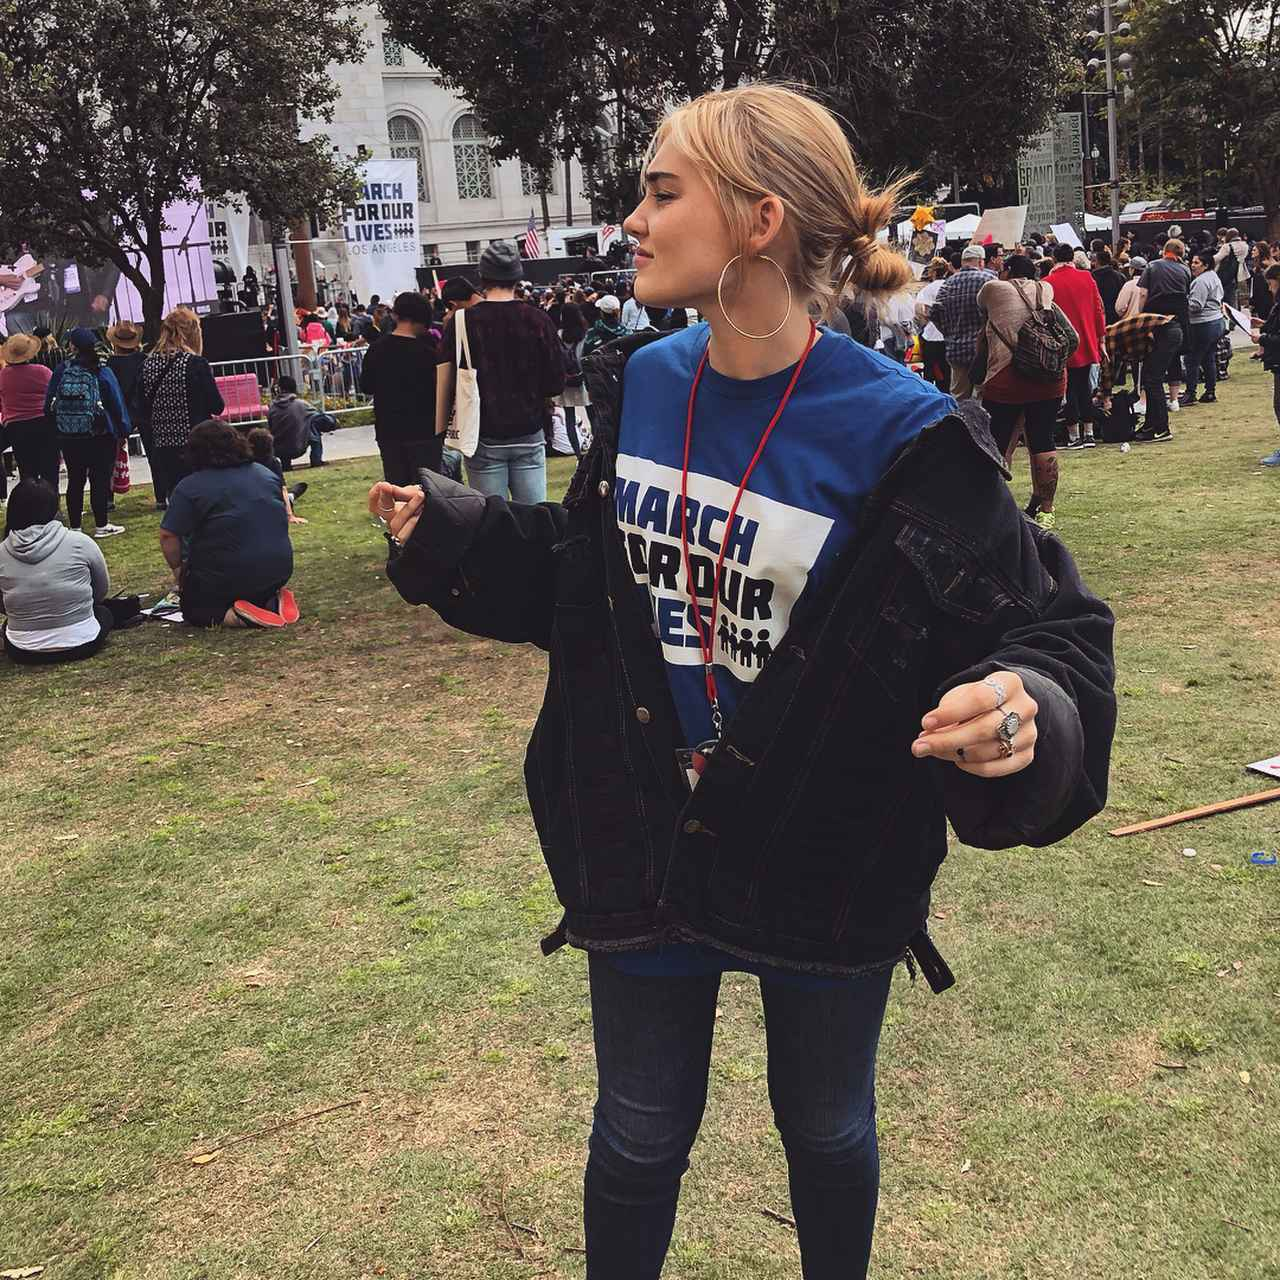 画像: メグ・ドネリーは銃規制デモでスピーチを行った。 ©Meg Donnelly/Instagram